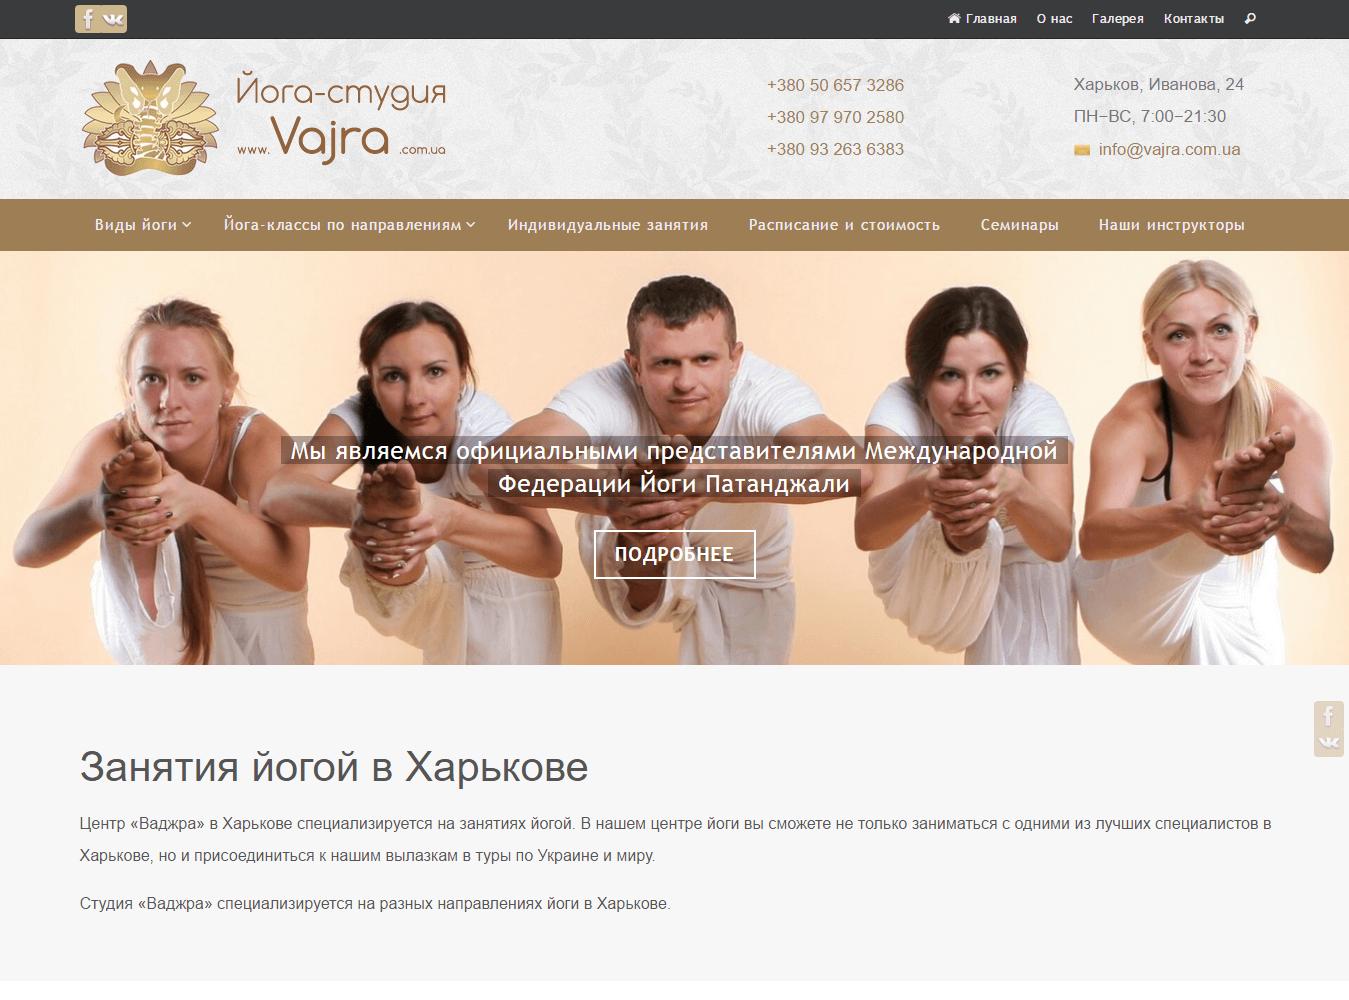 Сайт йога-студии